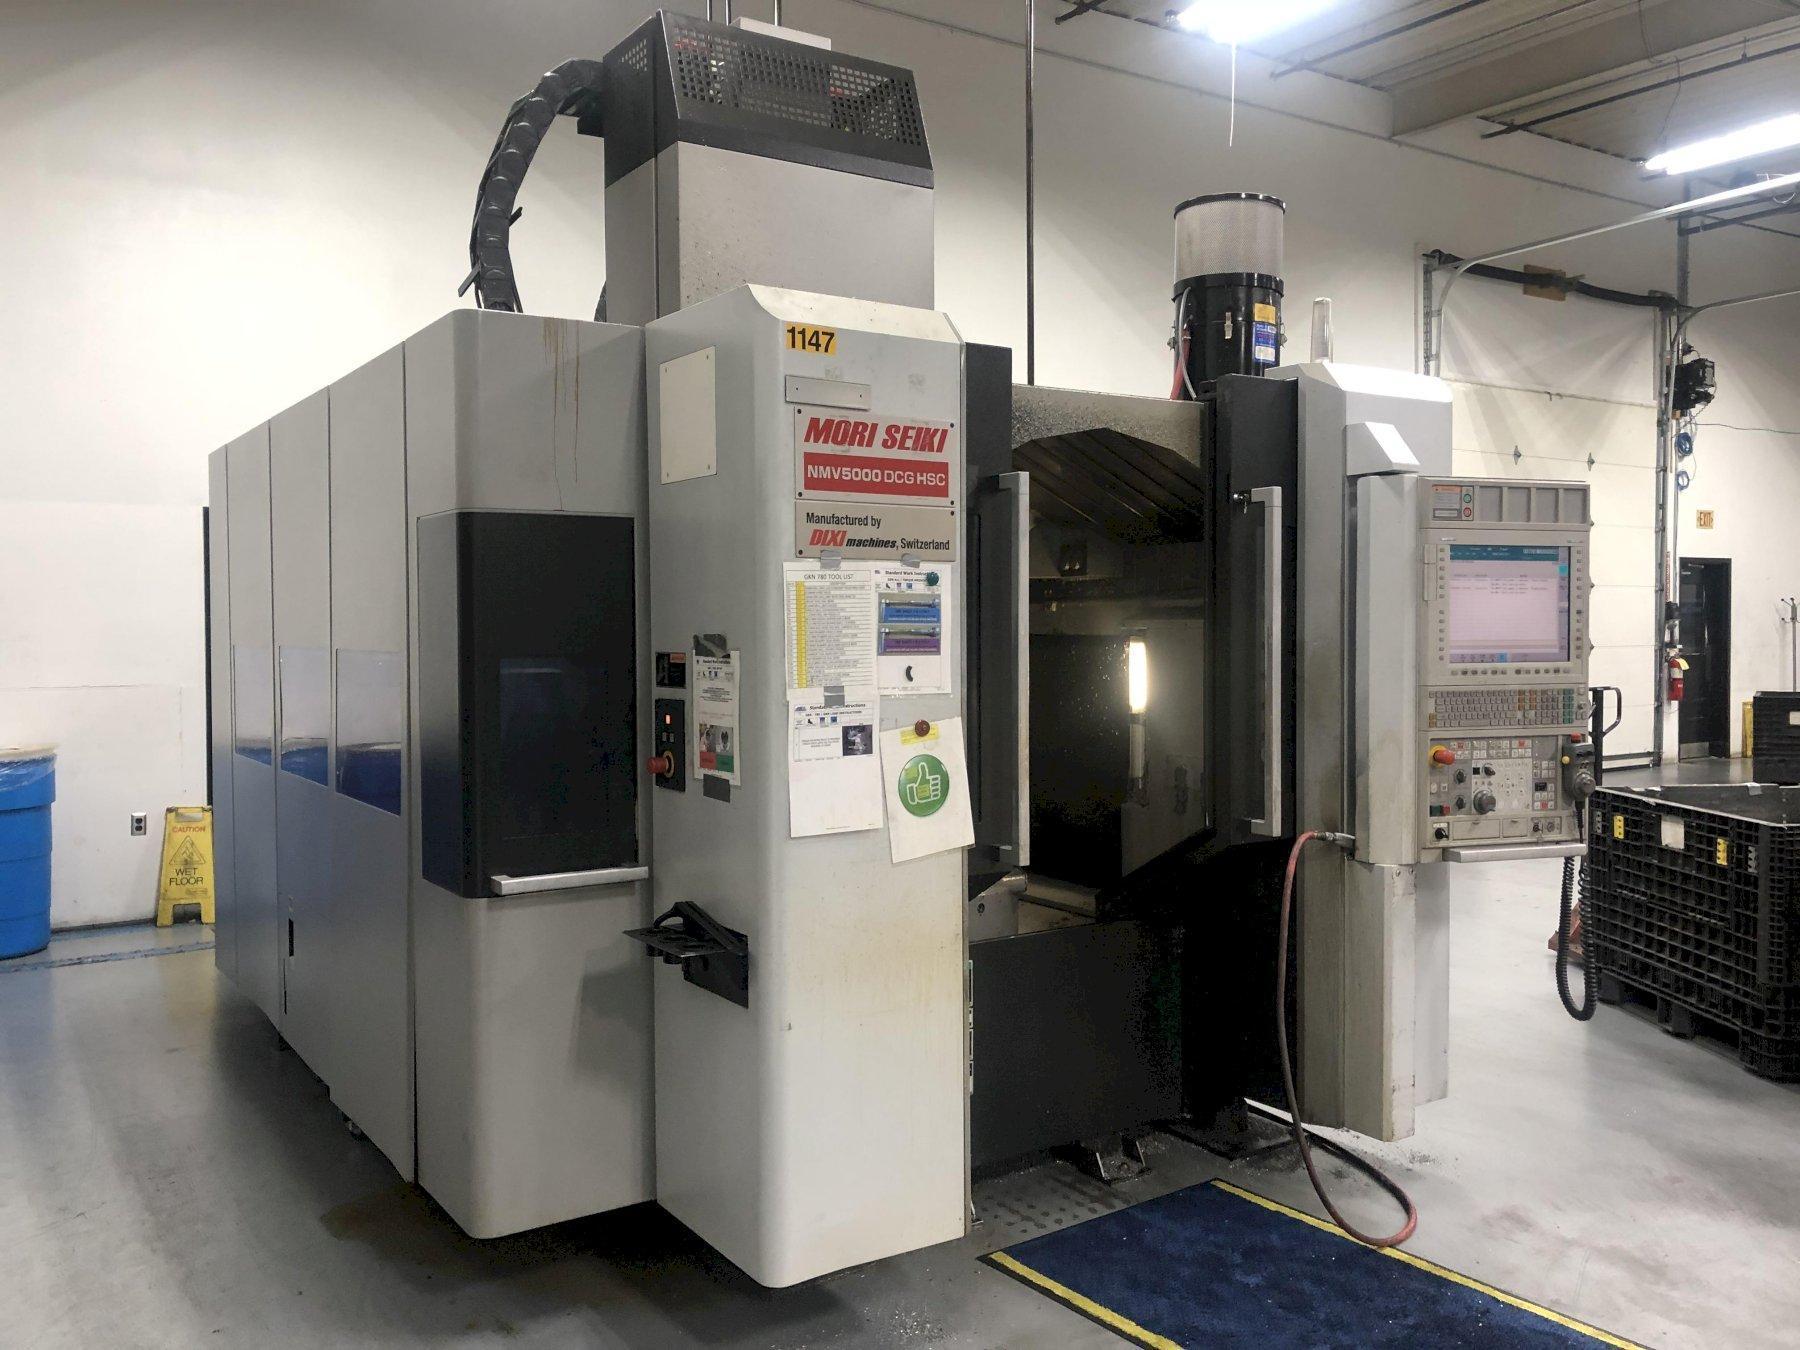 Mori Seiki NMV5000 DCG 5-Axis CNC Vertical Machining Center, MSX-711 IV (Fanuc 31i-A5), 19.7